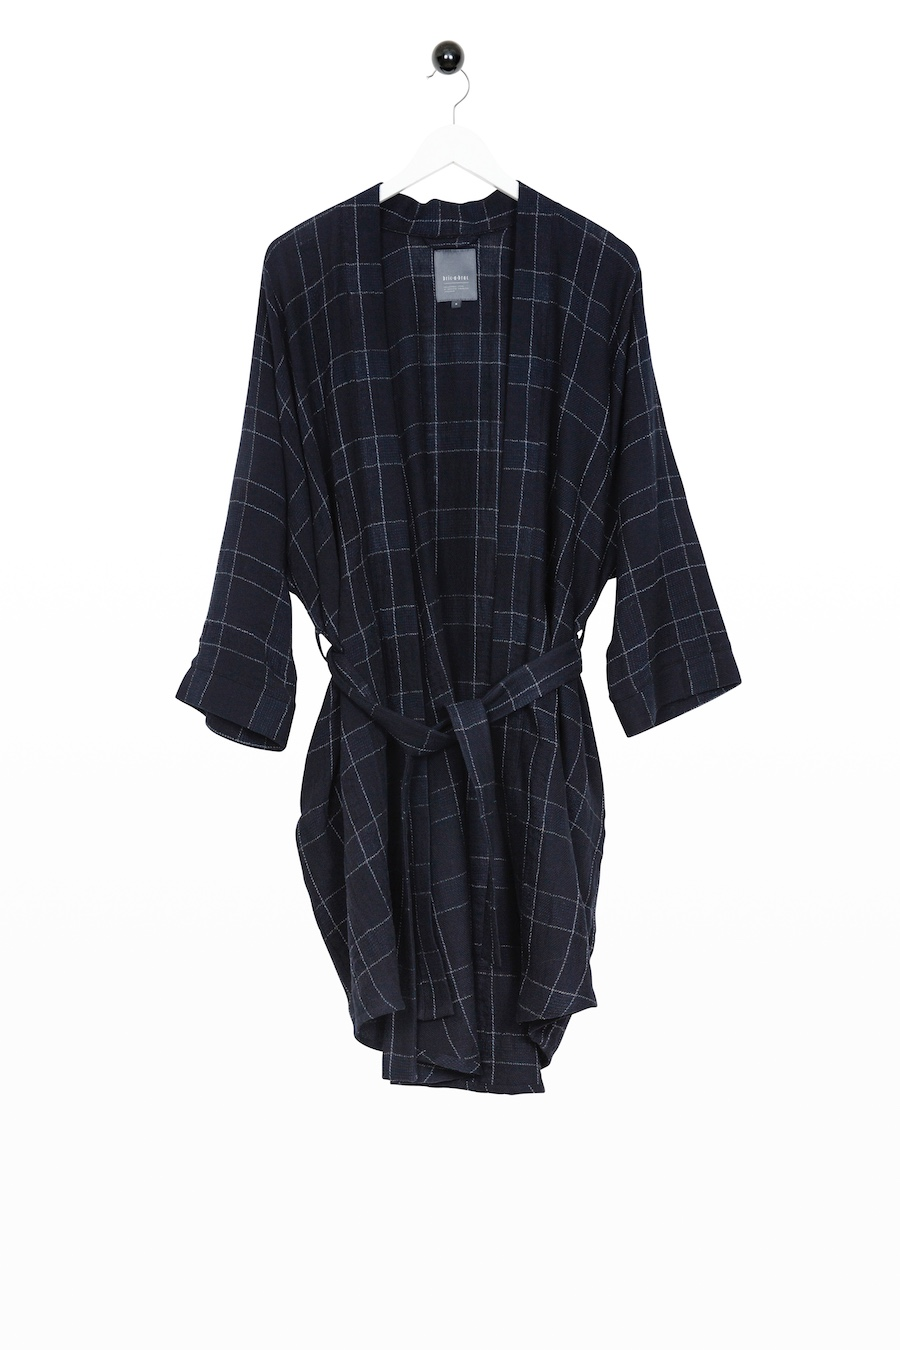 Bolsjoj Kimono